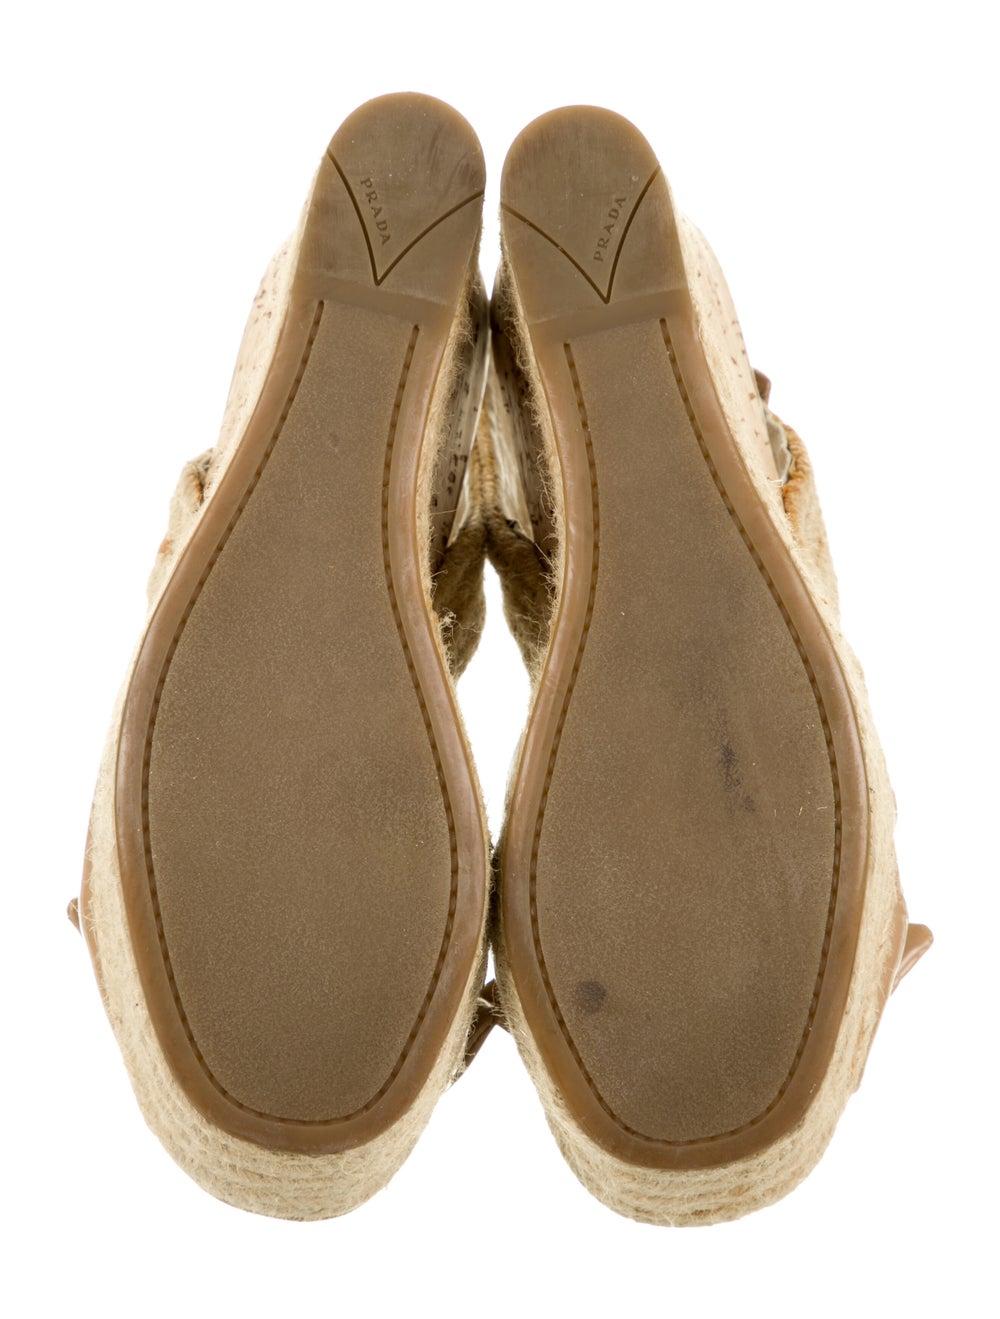 Prada Patent Leather Espadrilles - image 5